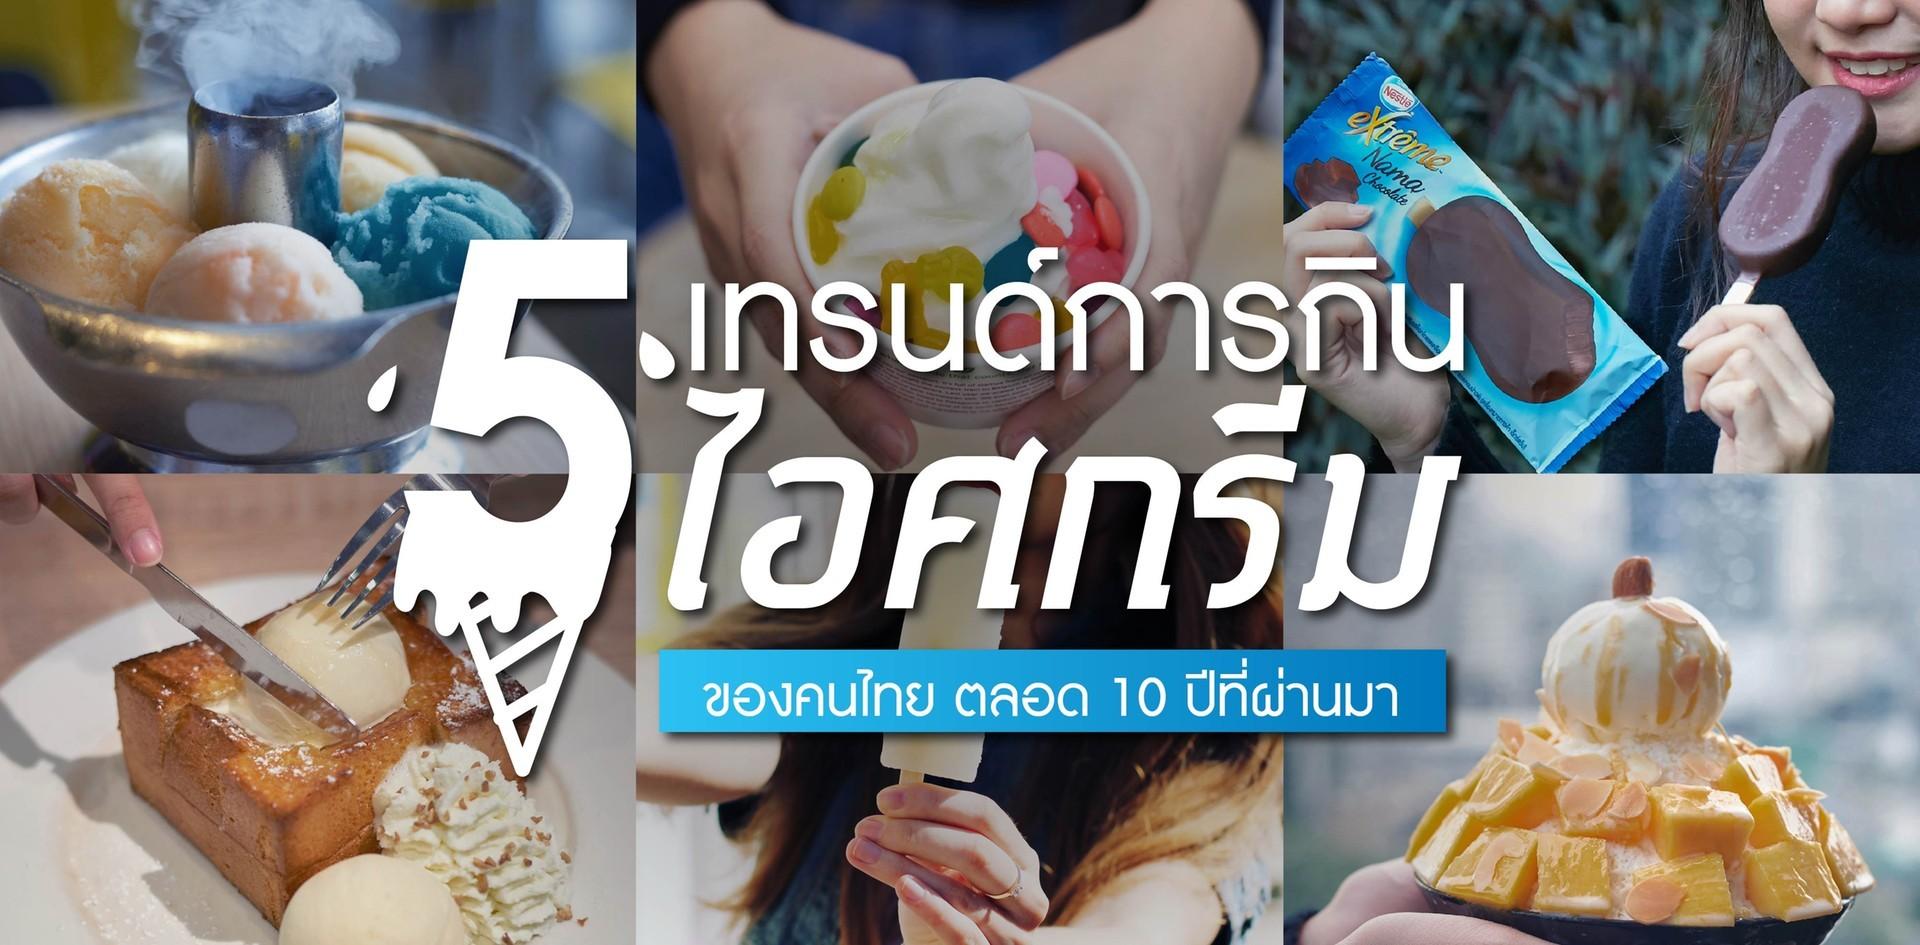 5 เทรนด์การกินไอศกรีมของคนไทย ตลอด 10 ปีที่ผ่านมา